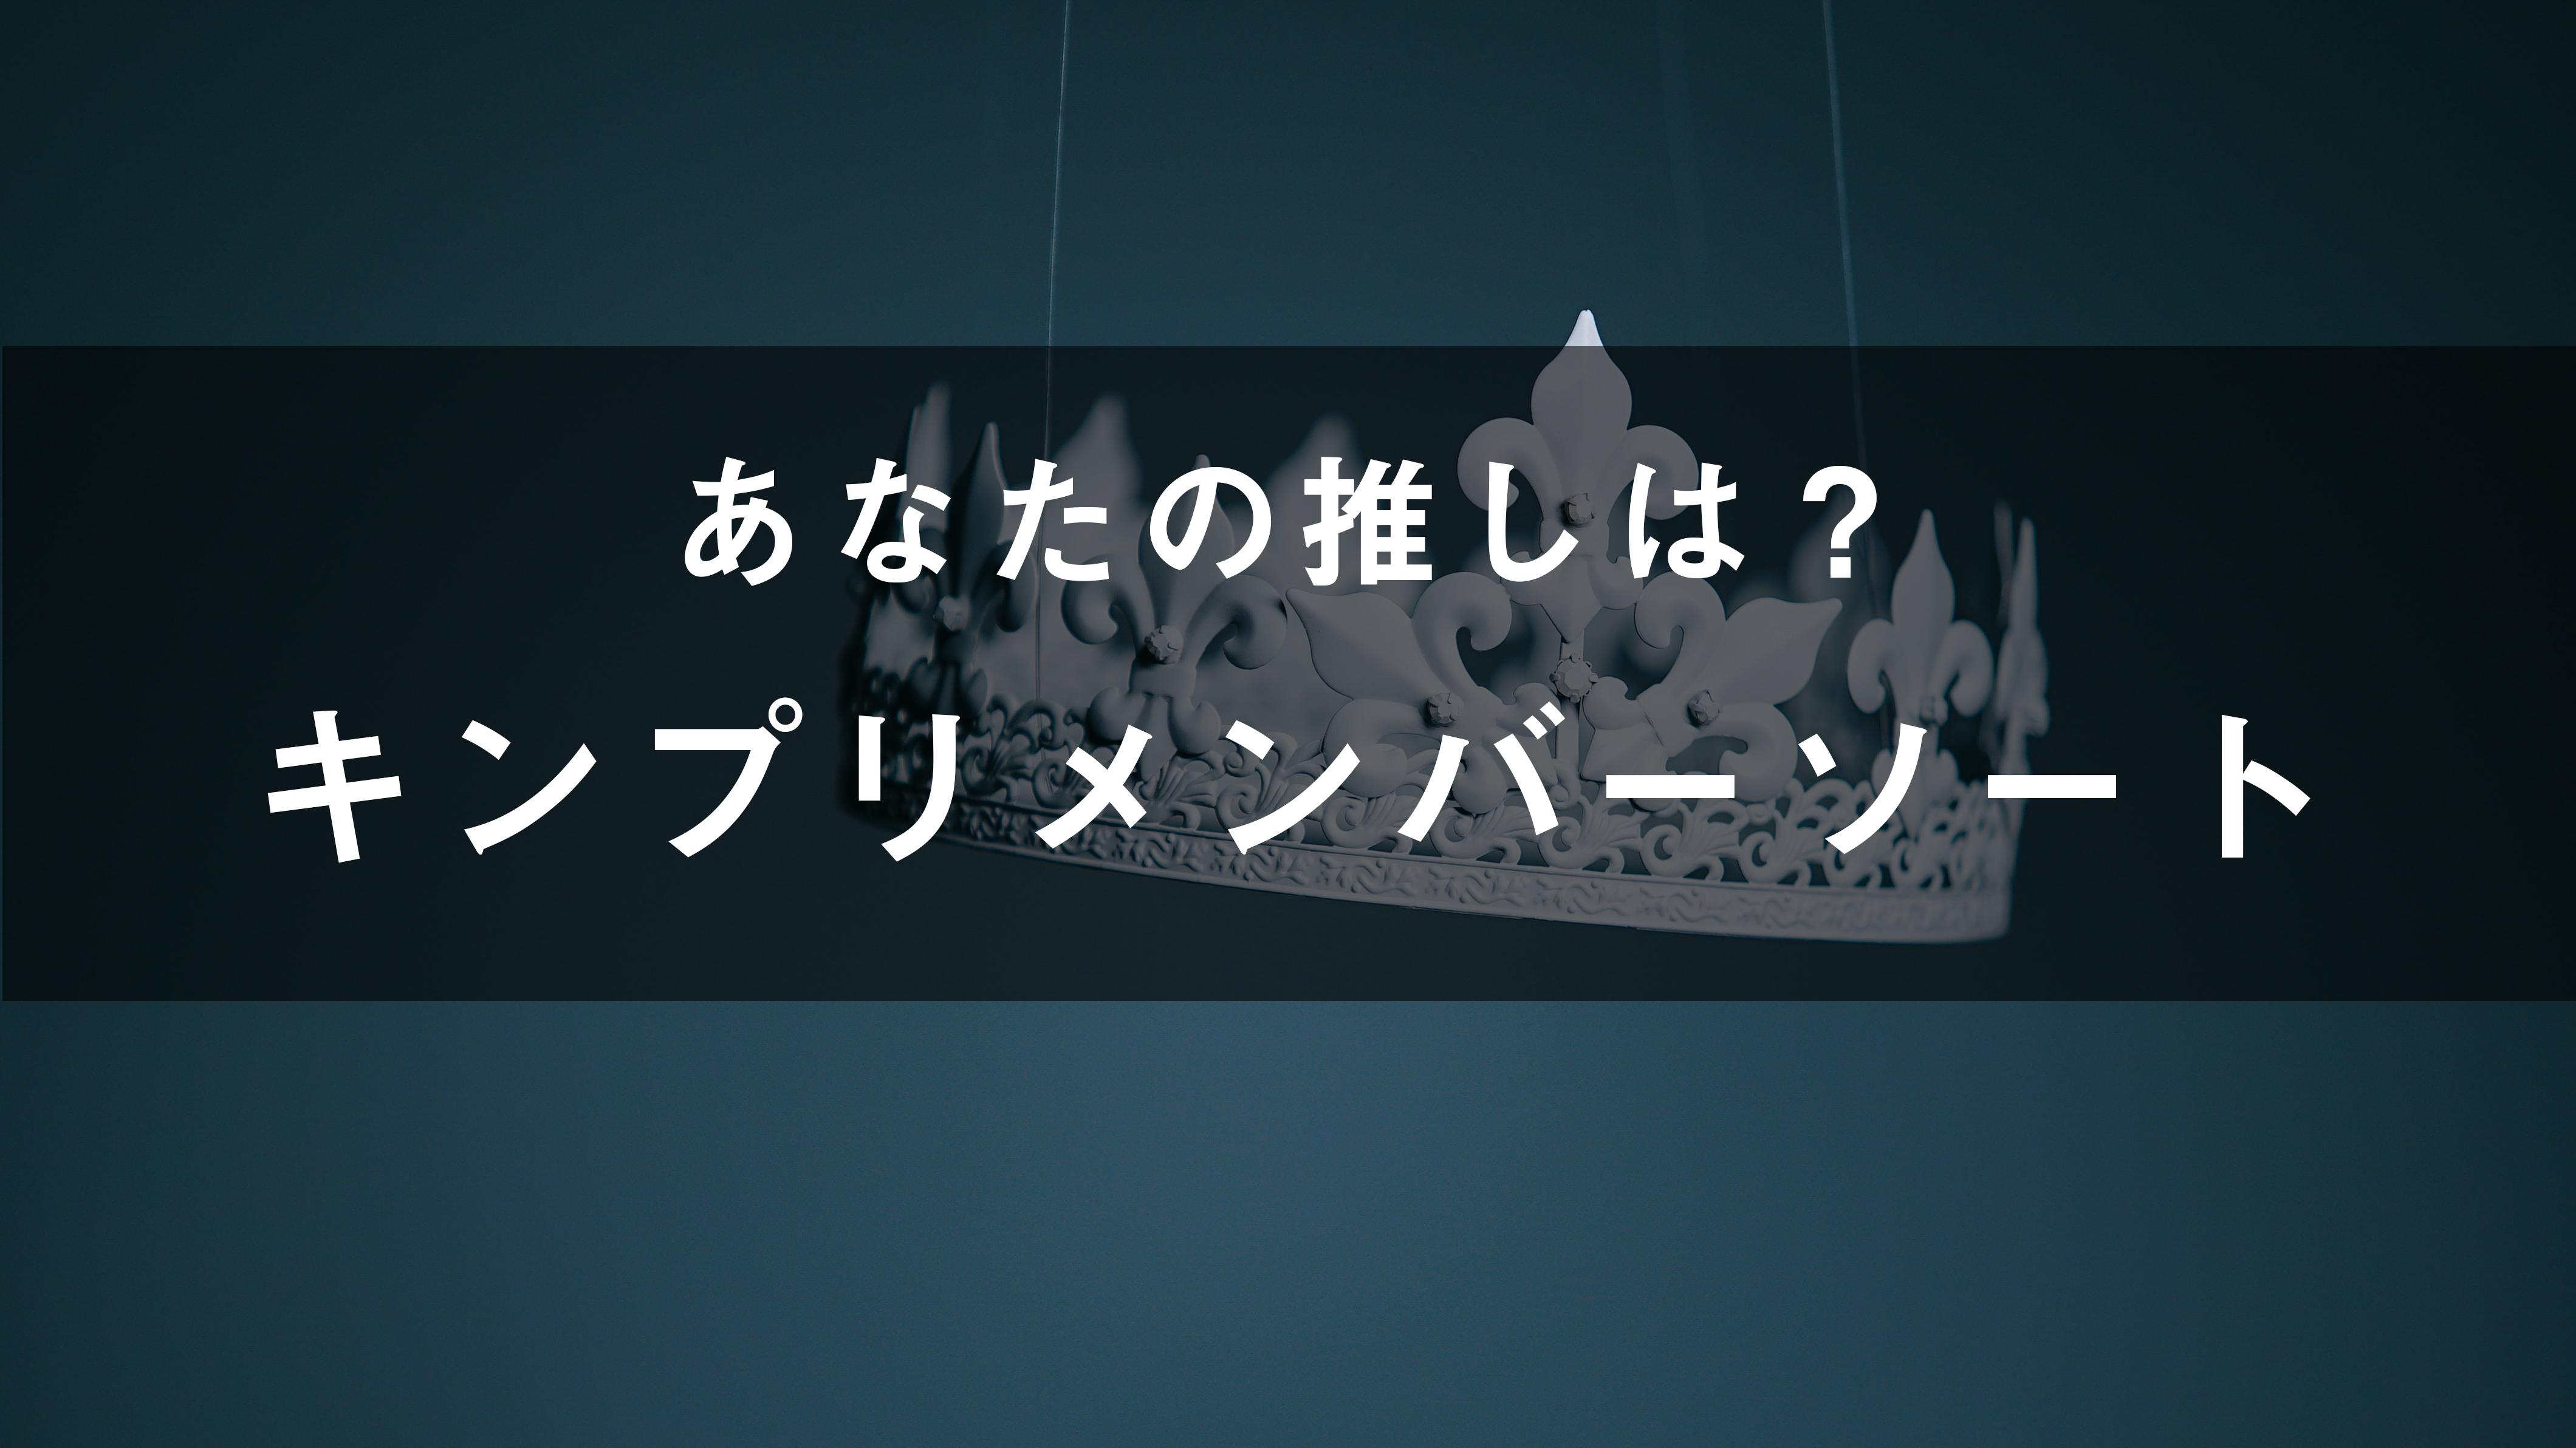 キンプリのメンバーソート(画像付き)